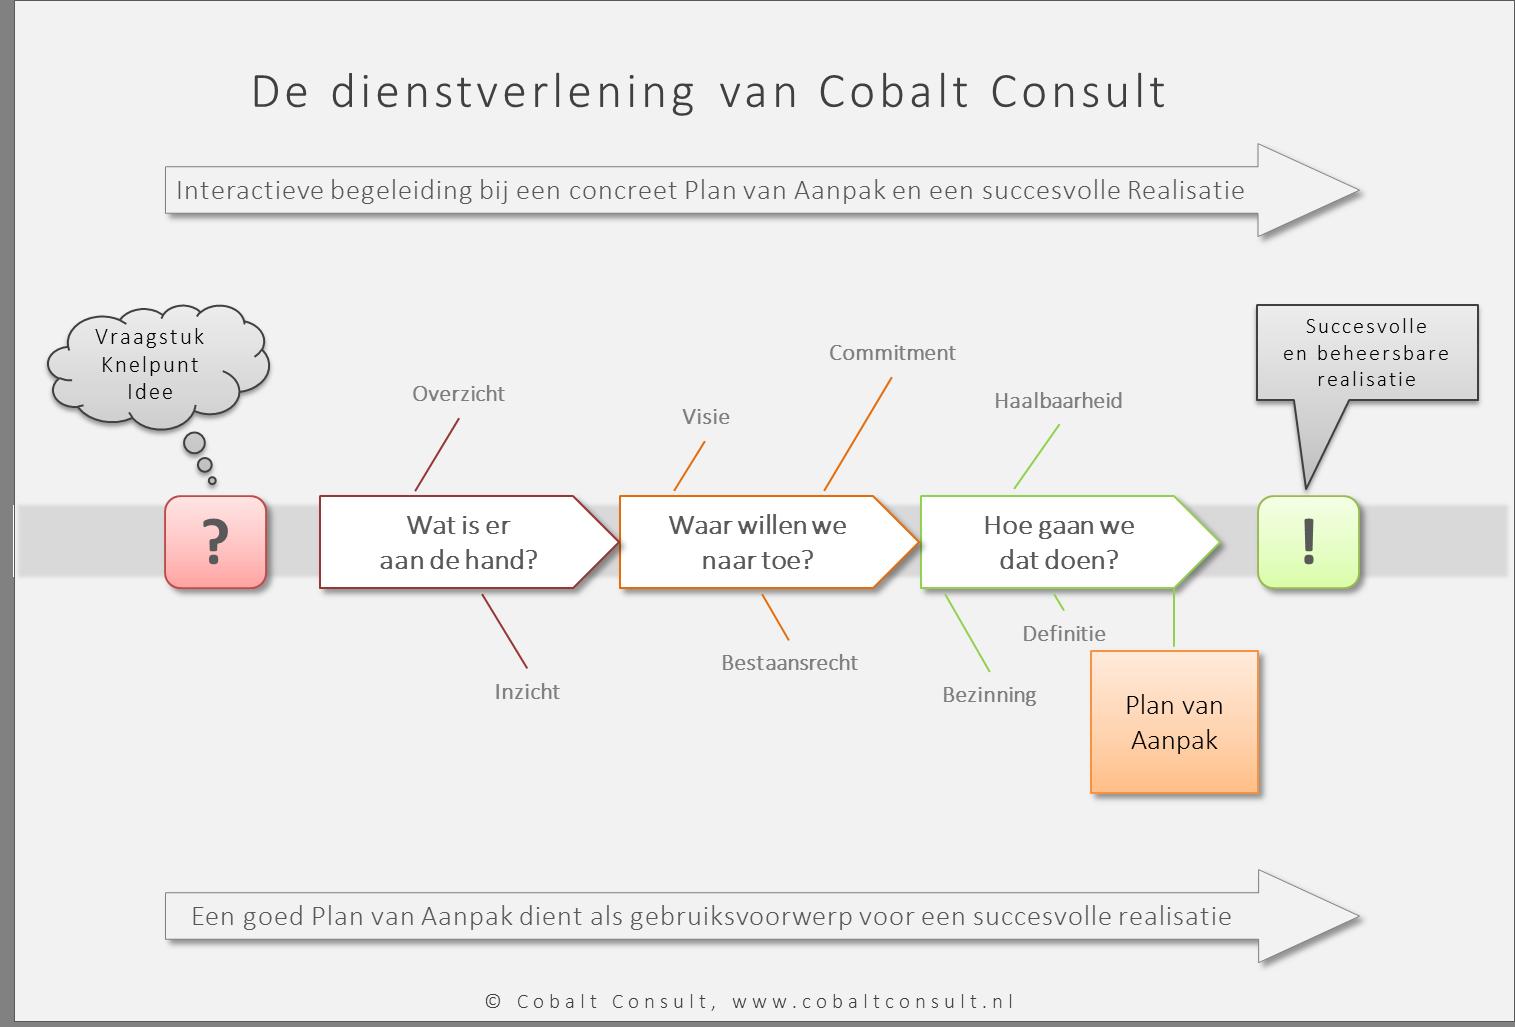 Het EMVI Plan van Aanpak: 10 Do's en Don'ts – Cobalt Consult